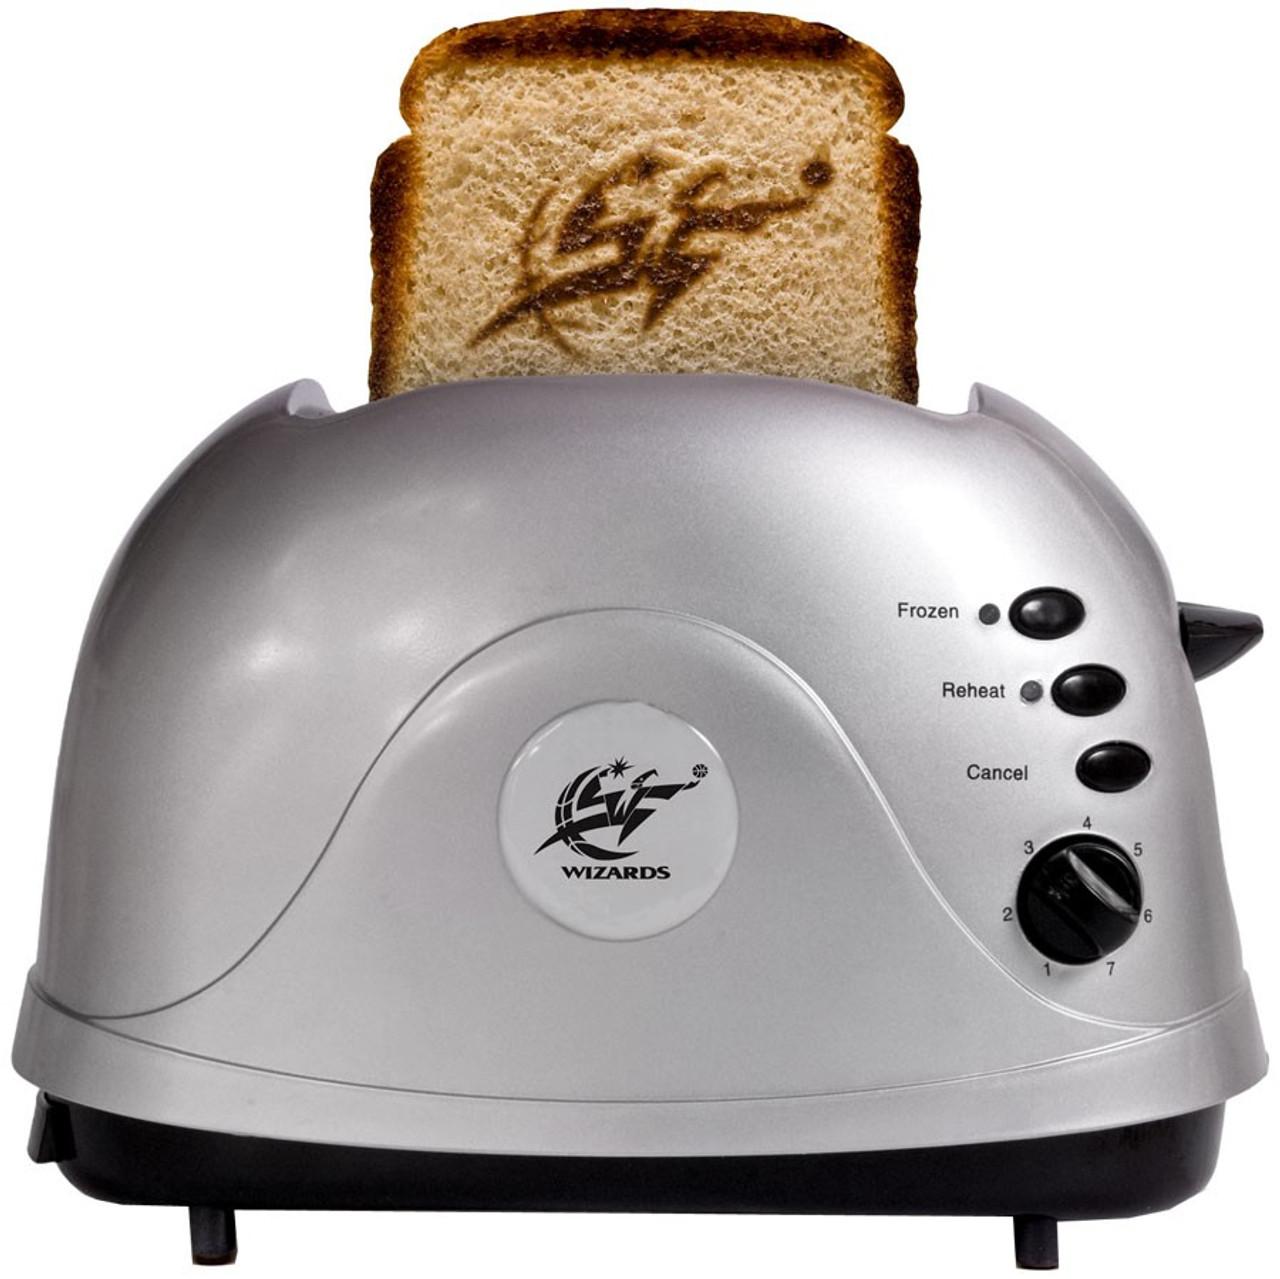 NBA ProToast Retro Washington Wizards Toaster